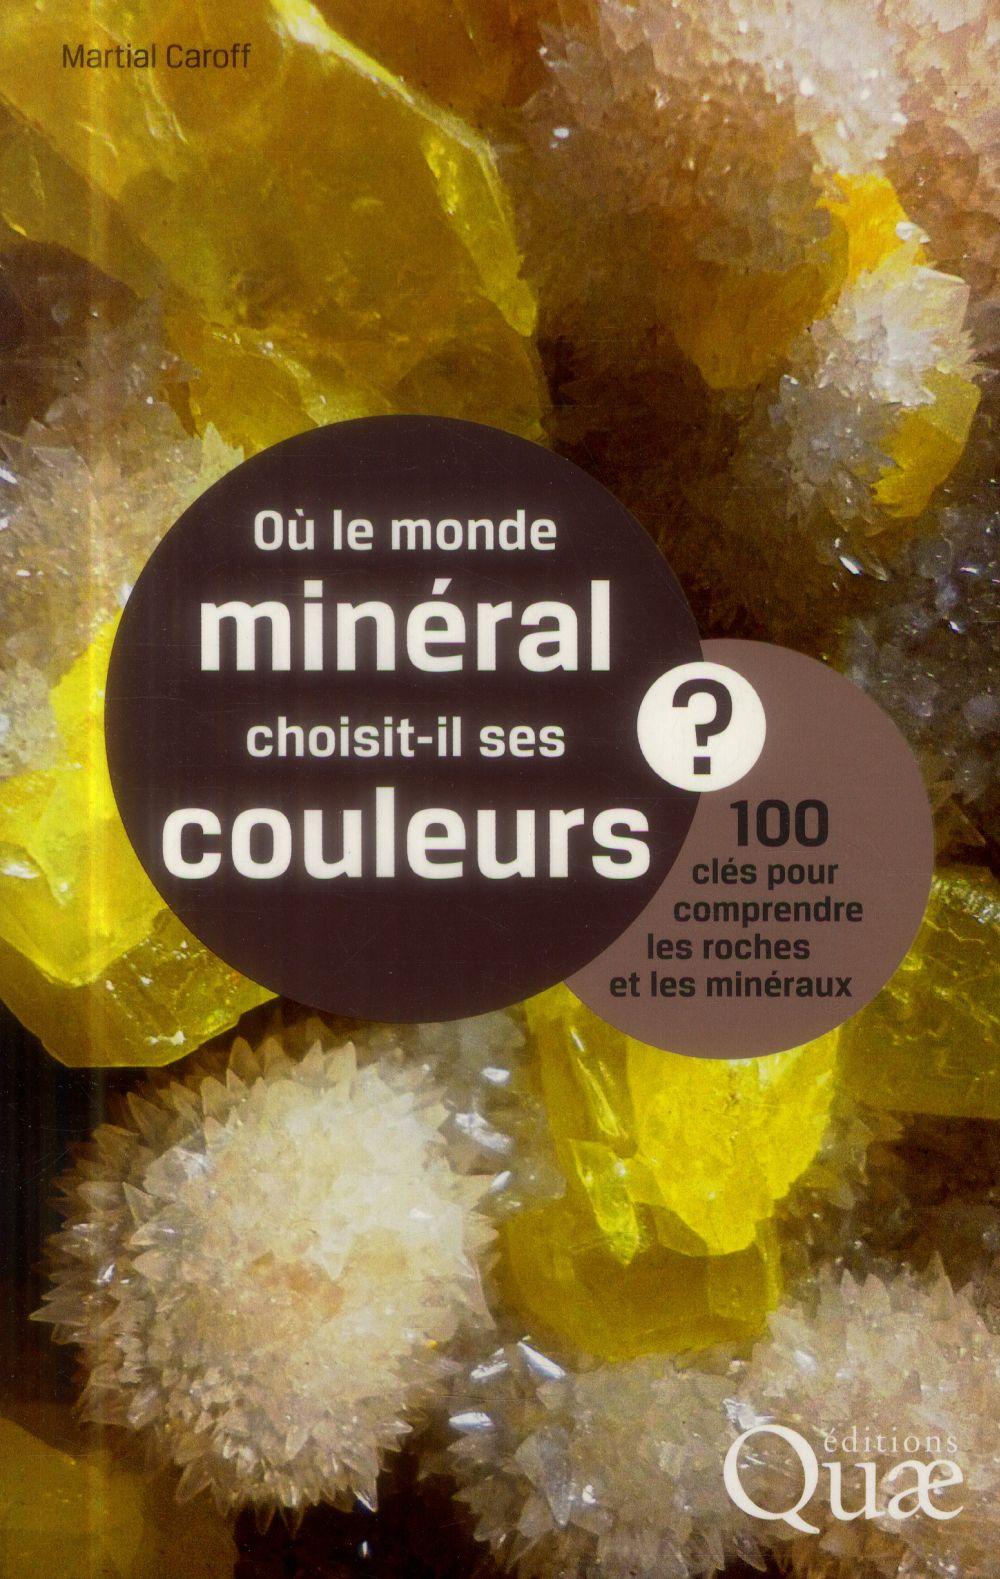 OU LE MONDE MINERAL CHOISIT IL SES COULEURS 100 CLES POUR COMPRENDRE LES ROCHES